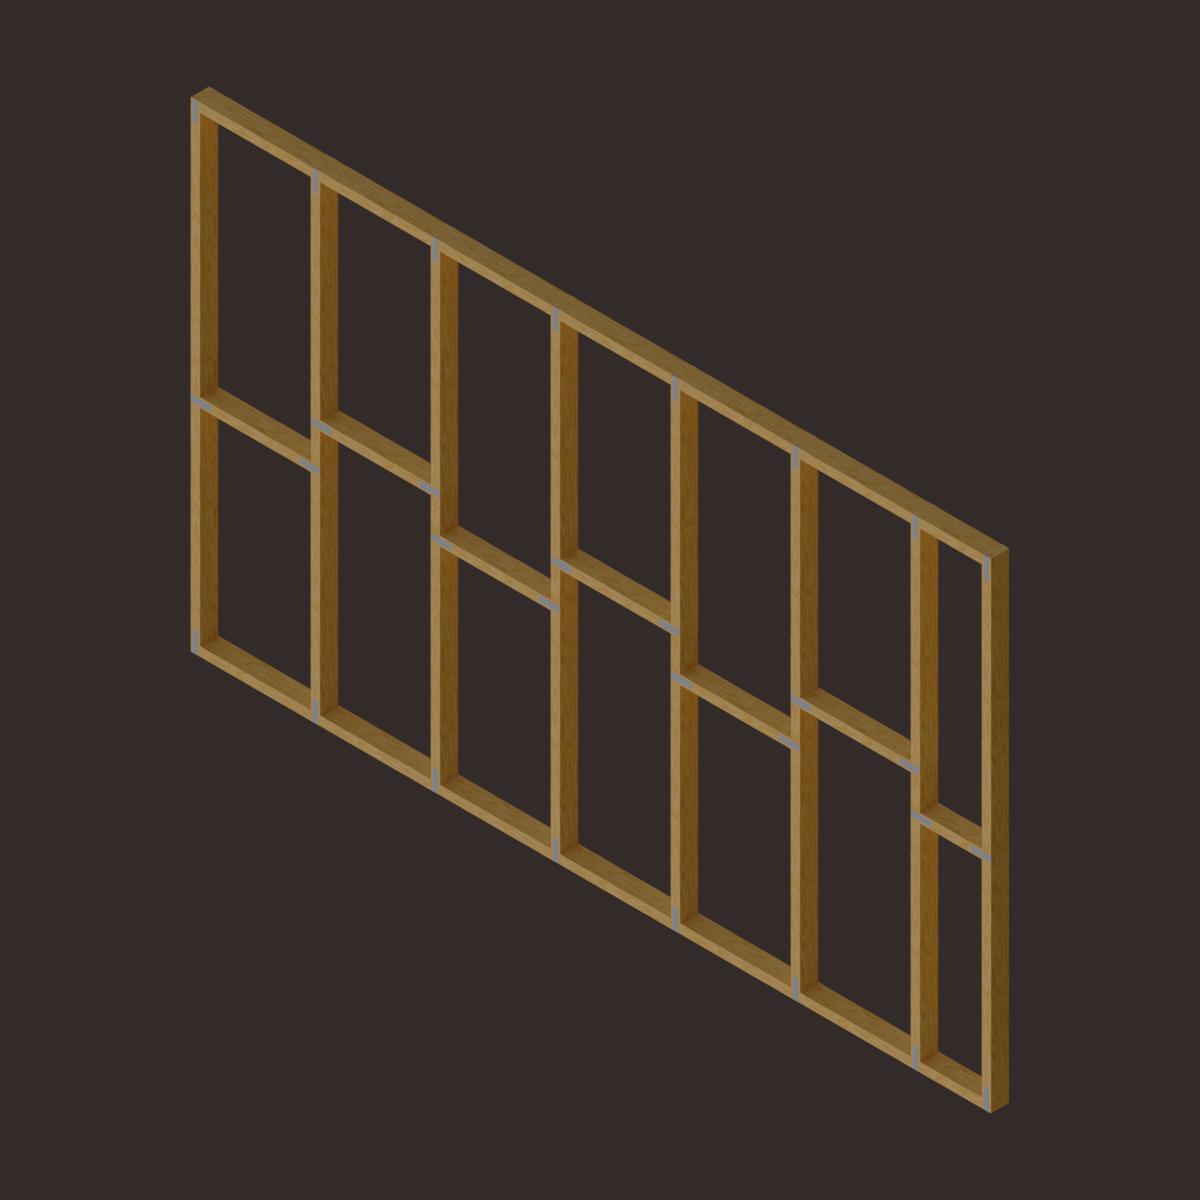 Muro madera tecnotruss 2 fabb9f47 898e 4b4d 9241 4a0195b78013